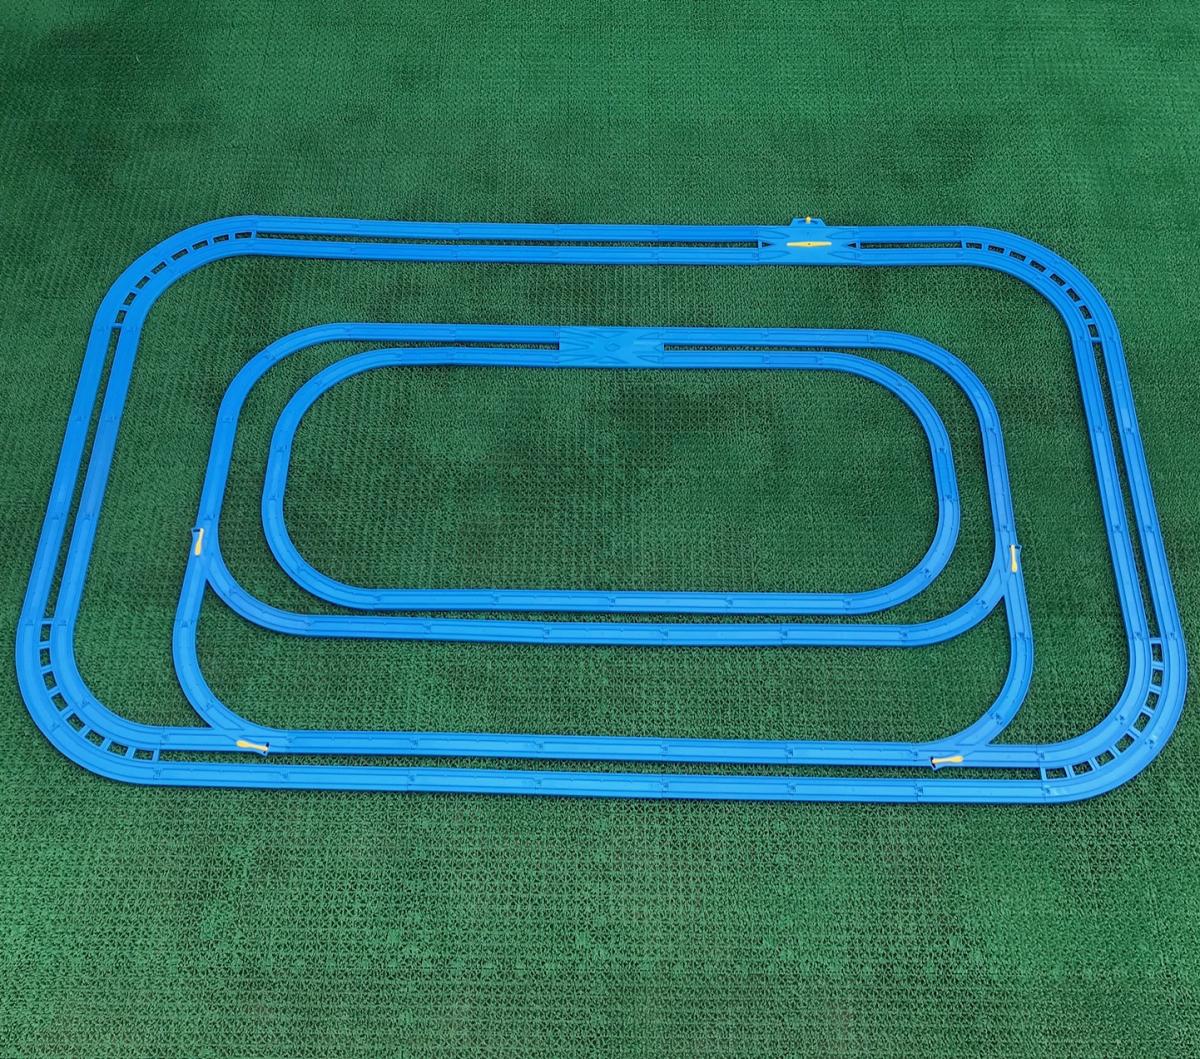 プラレール② 直線 曲線 複線曲線レール 複線わたりポイントレール ターンアウトレール 単線複線 レア タカラトミー 大量_画像7